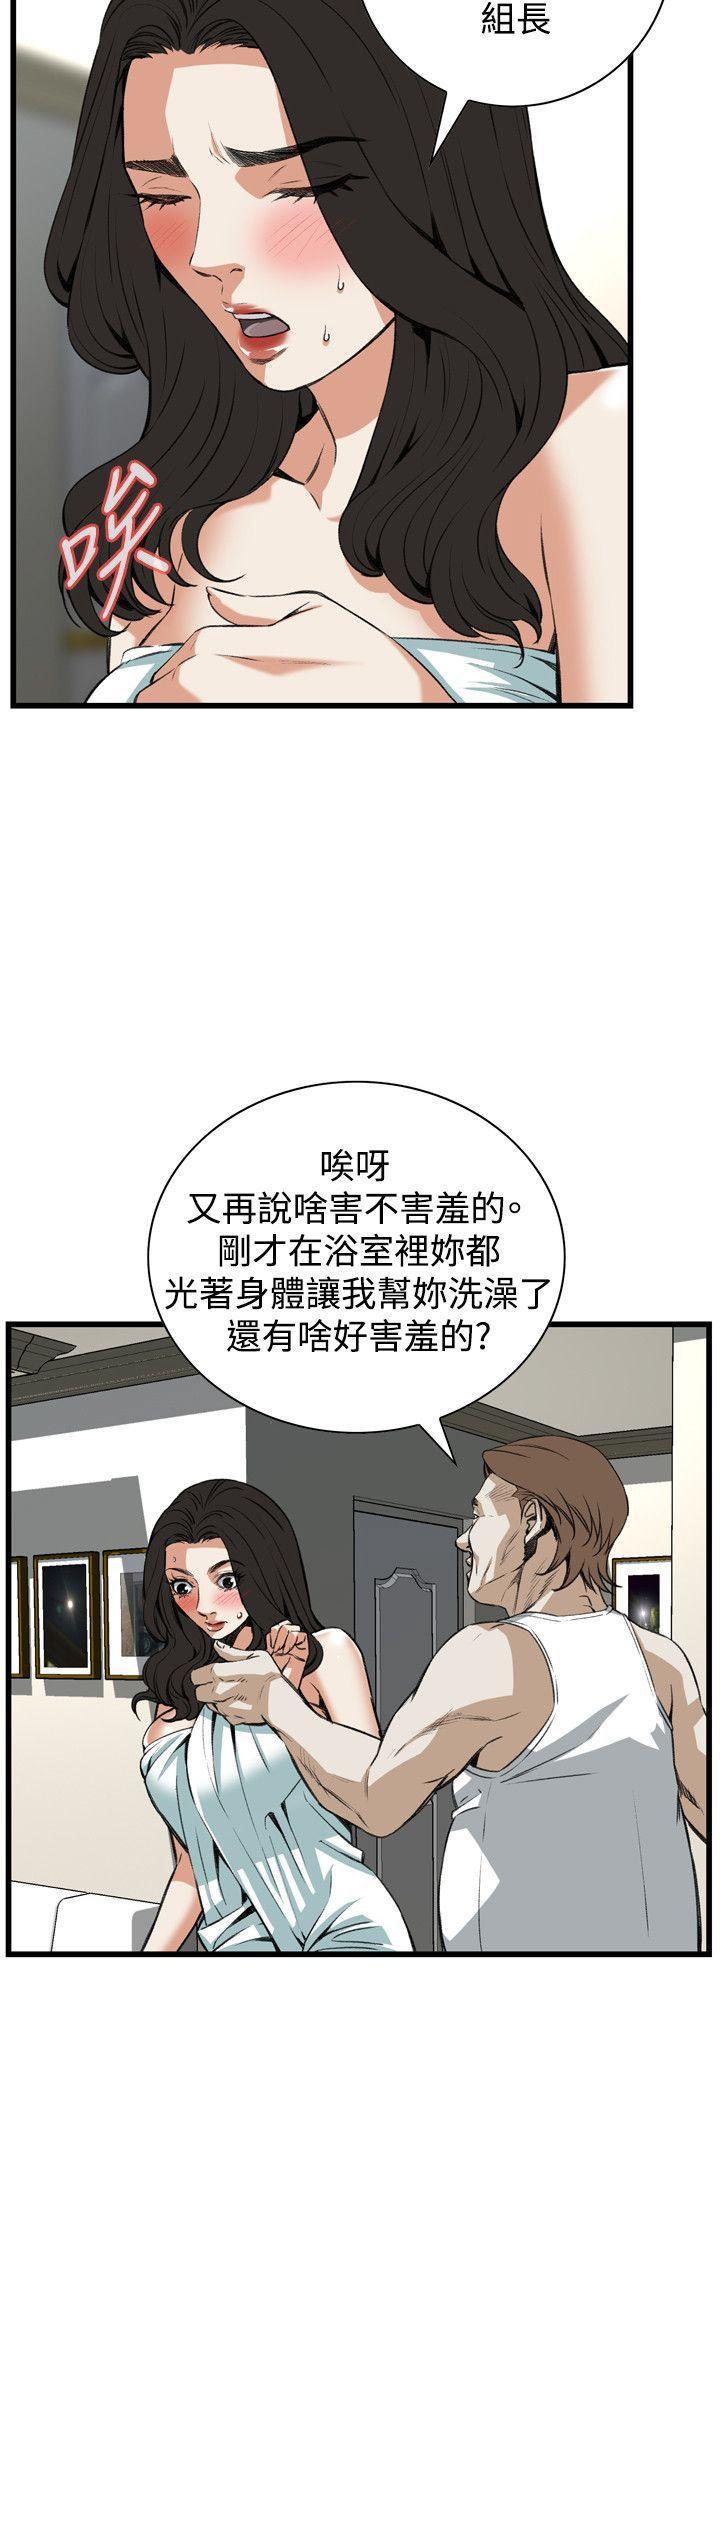 偷窥72-93 Chinese Rsiky 305